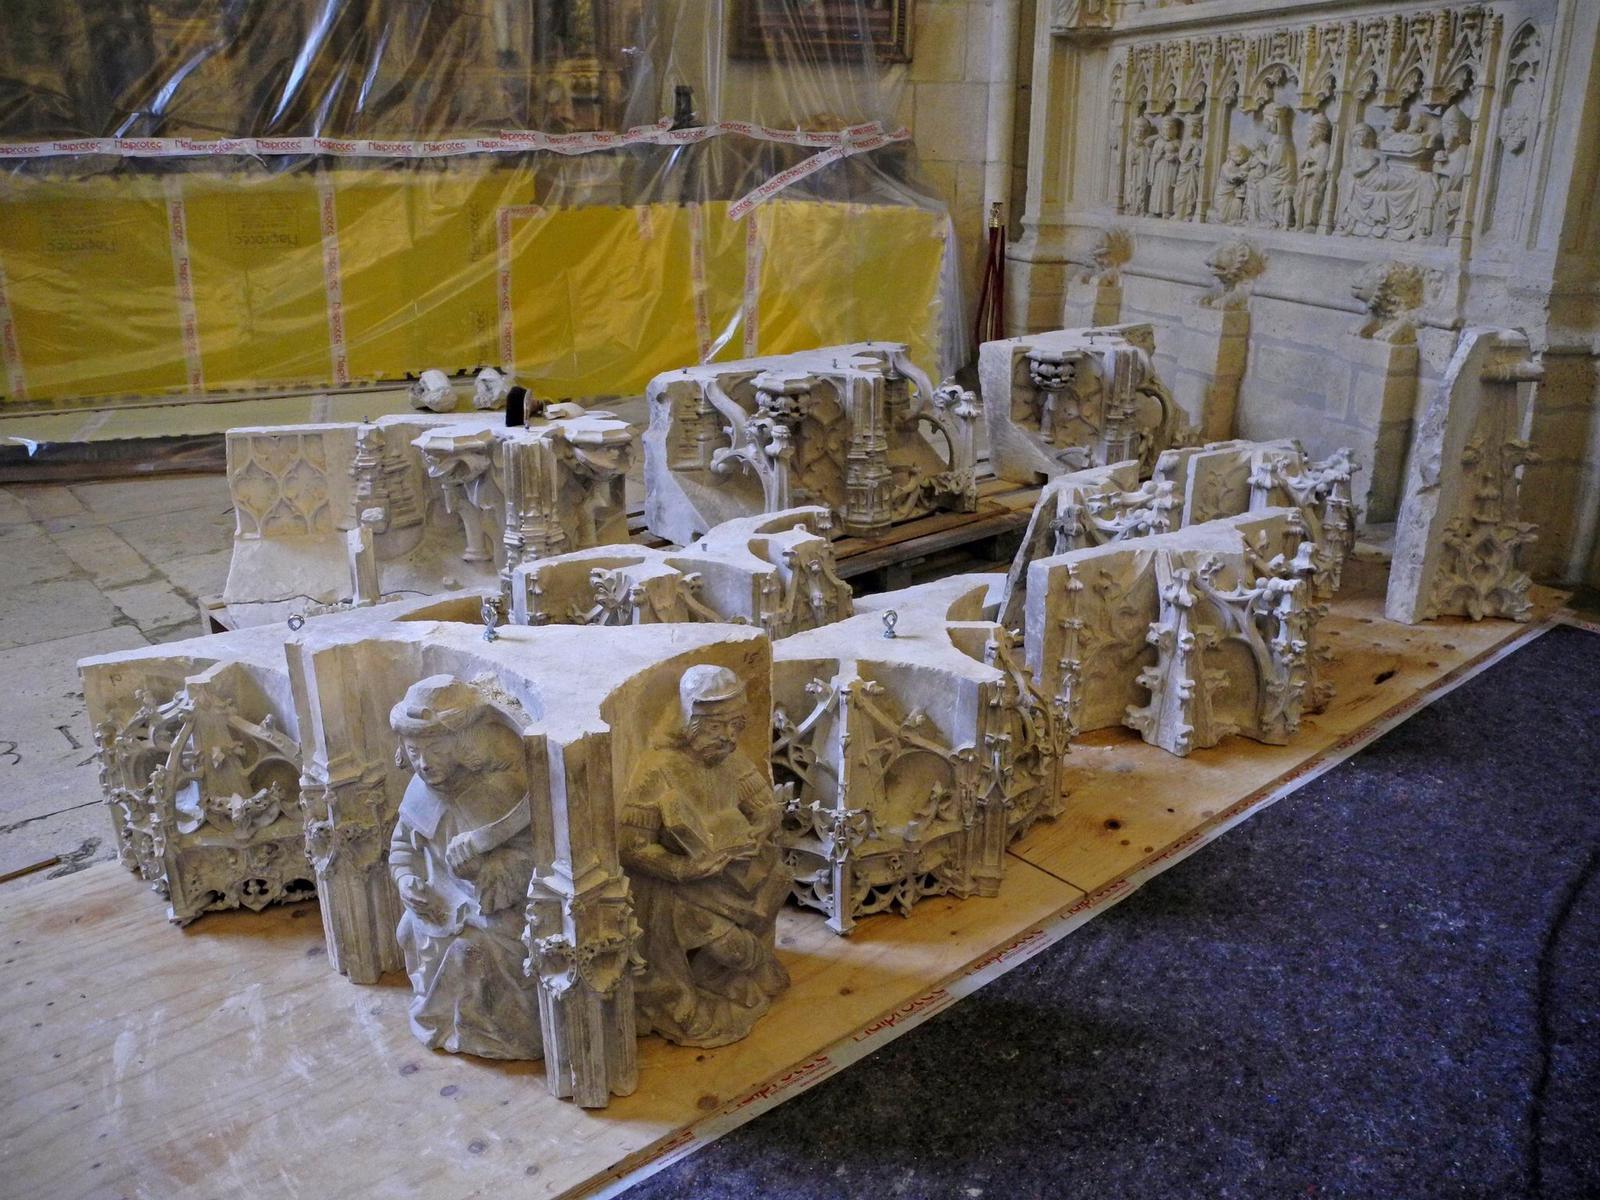 Piezas del trasaltar esperan en la capilla de San Gregorio su traslado a Pellejería para su restauración. Foto: @chechugarate.